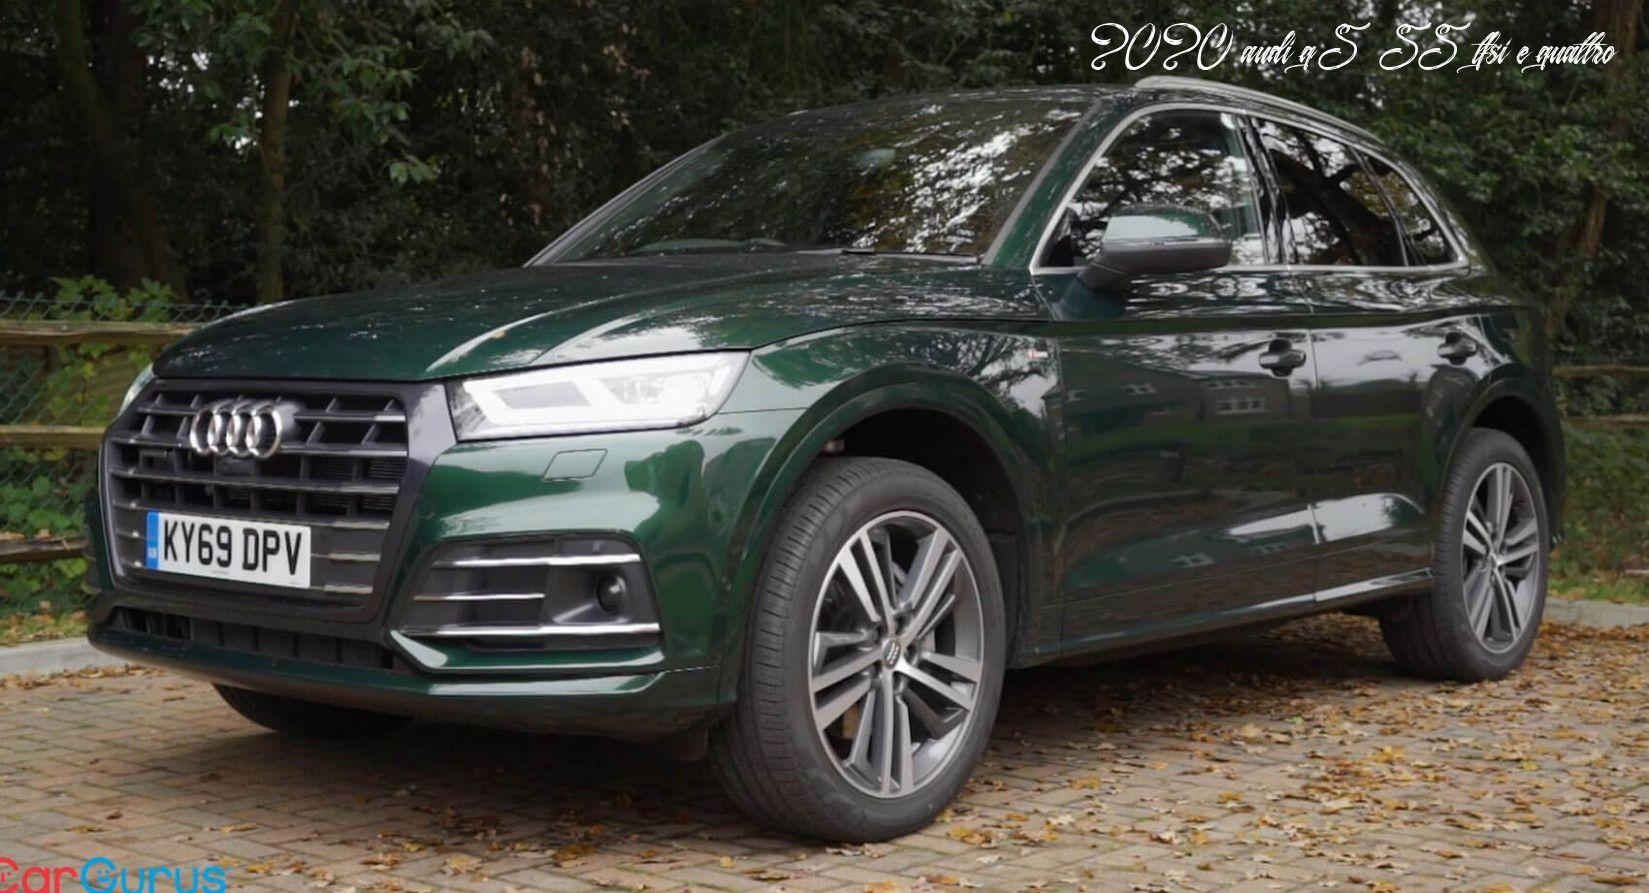 Probamos El Impactante Audi Q8 Un Suv De Lujo Diesel Y Mild Hybrid Para Complementar Al Q7 In 2020 Audi Audi Cars Audi Suv